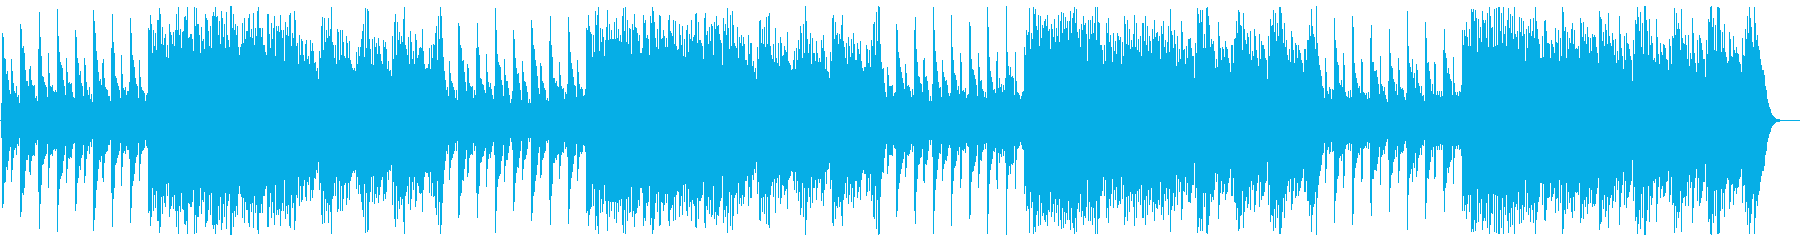 テンポいい可愛いハンドベルの曲の再生済みの波形